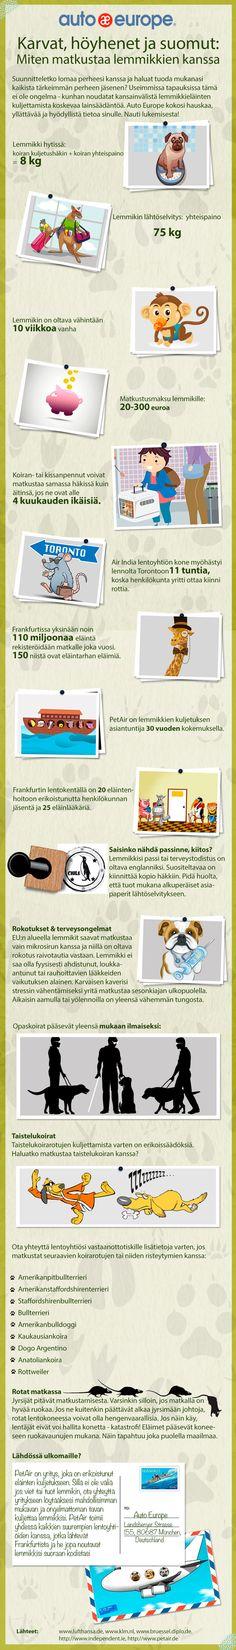 Infografiikka: Matkustaminen lemmikkien kanssa - Muut infografiikkamme löydät täältä: http://www.autoeurope.fi/go/infographics/